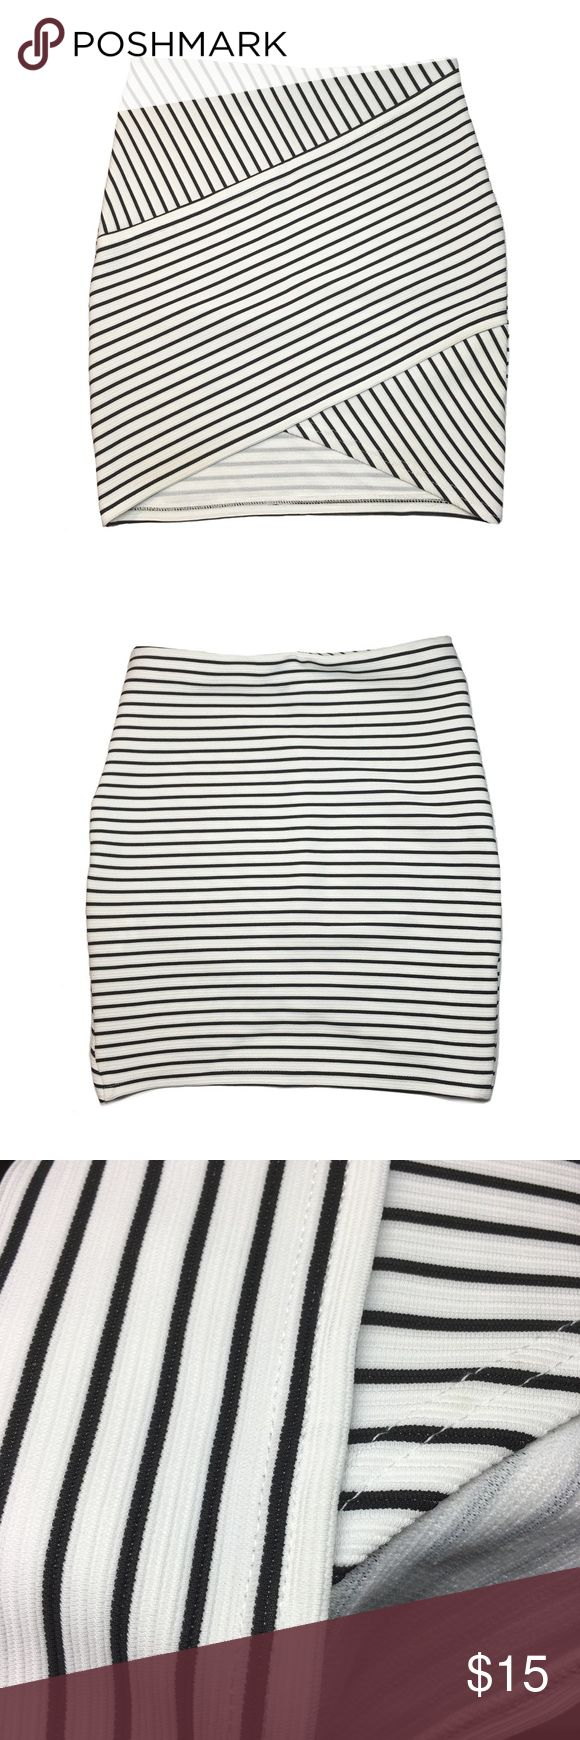 Selling this V Bandage Skirt on Poshmark! My username is: mishellahh. #shopmycloset #poshmark #fashion #shopping #style #forsale #Atmosphere #Dresses & Skirts